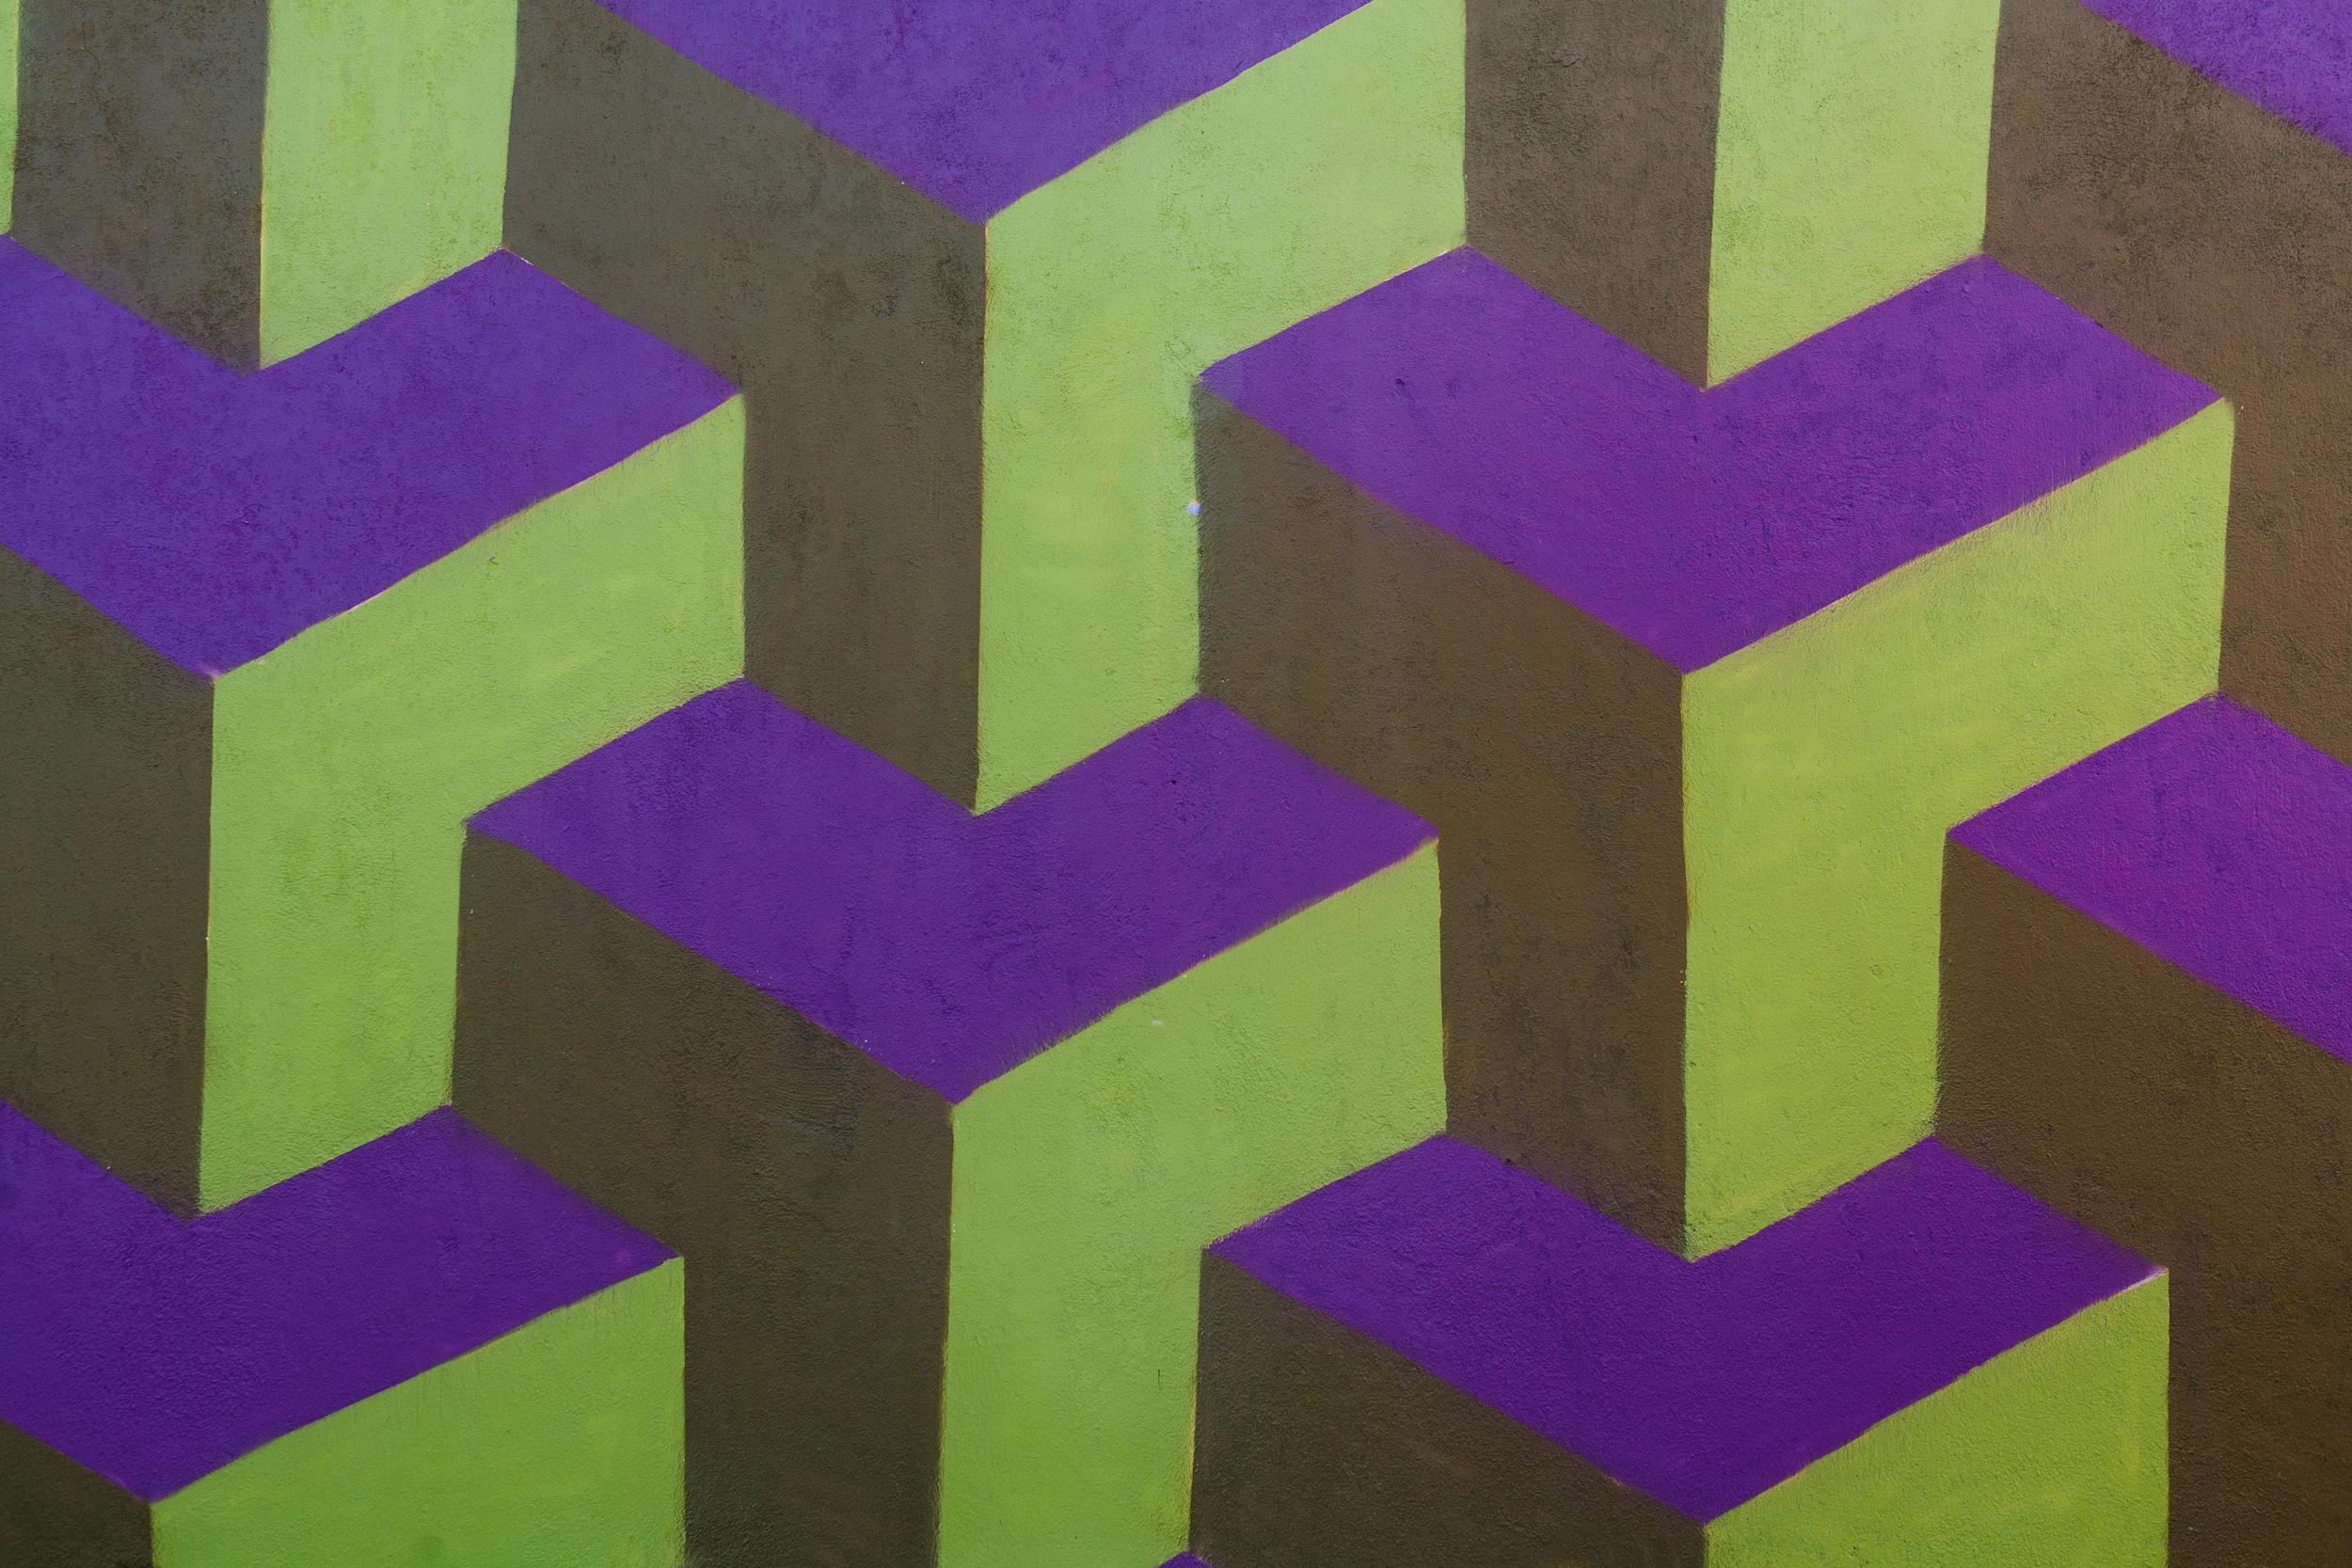 tallahassee-somo-murals-8411.jpg